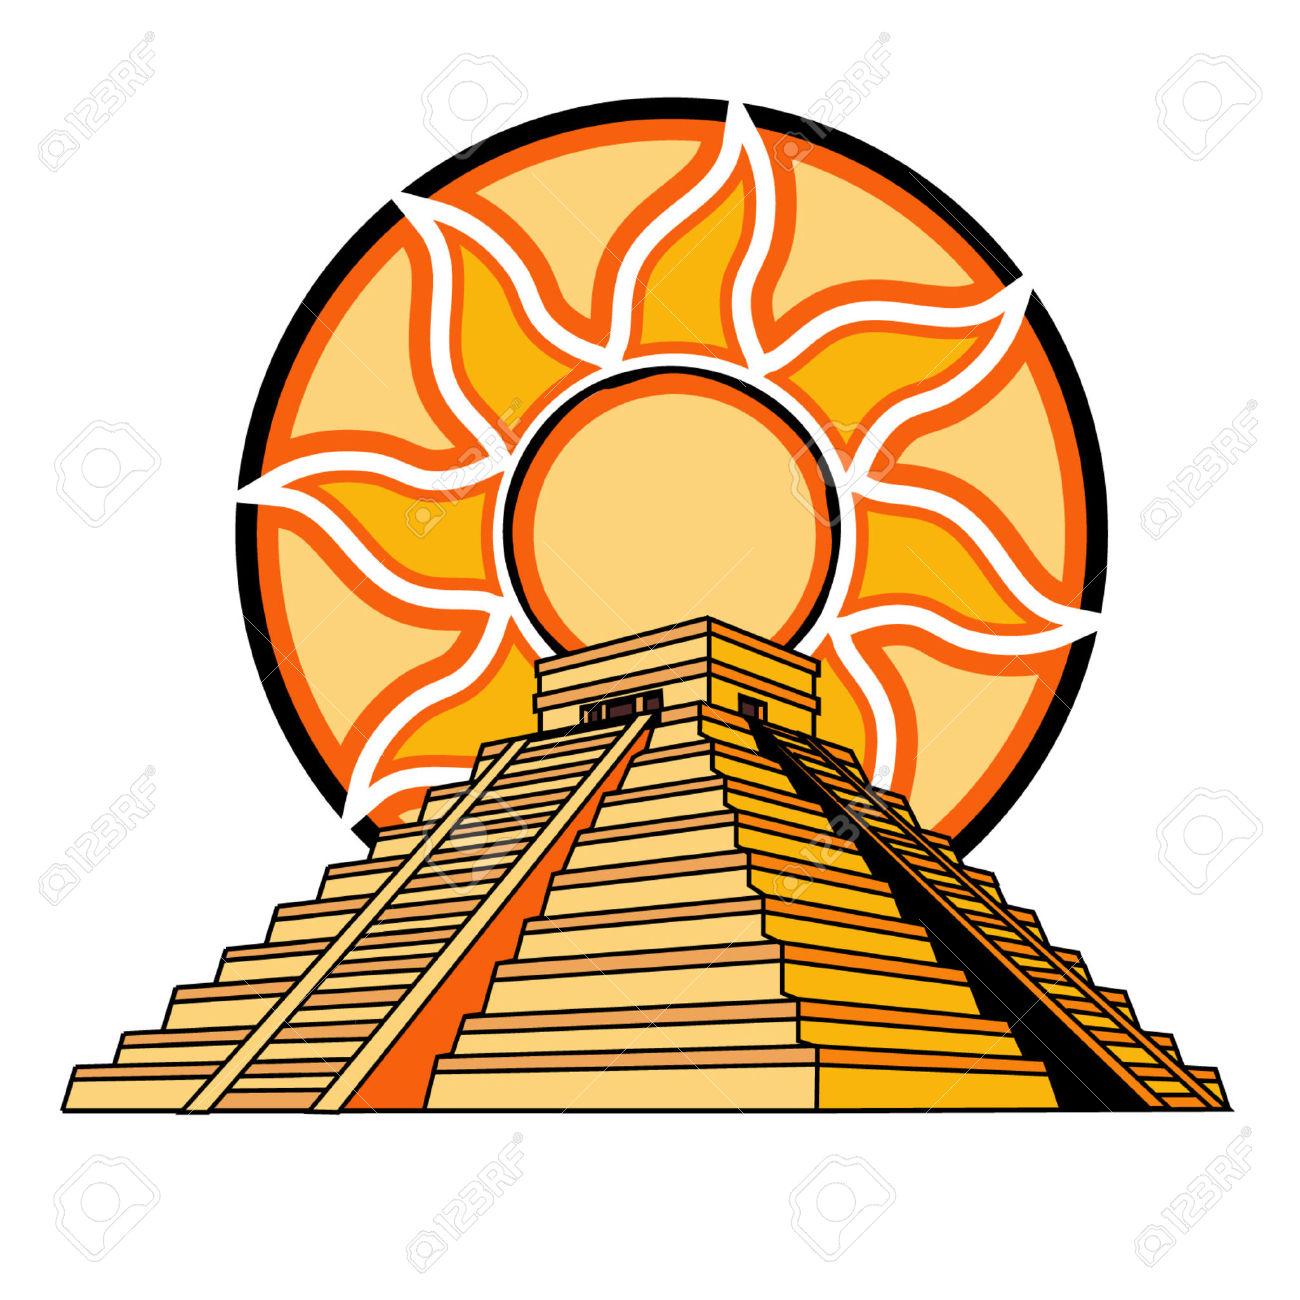 Aztec pyramid clipart.